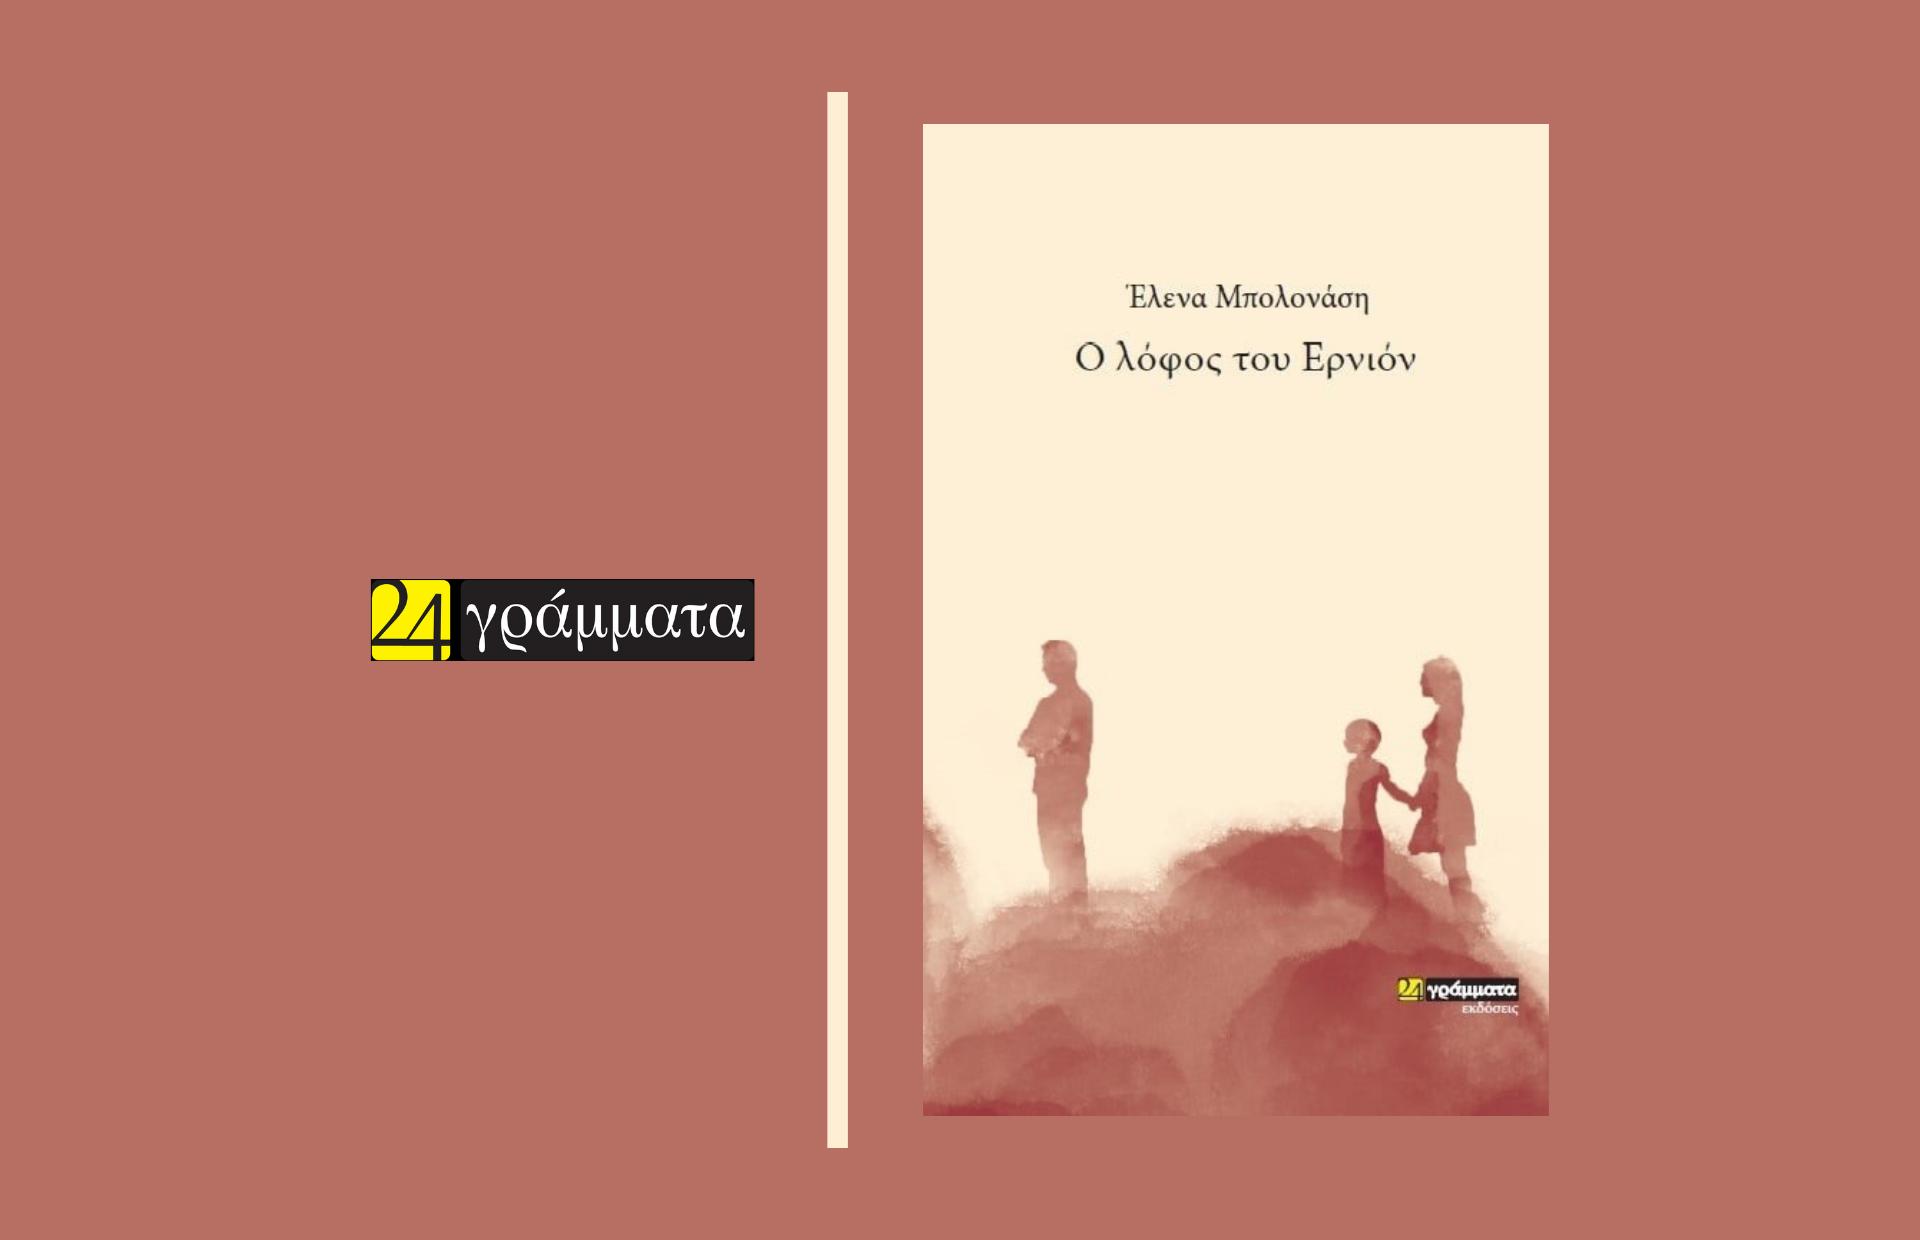 «Ο λόφος του Ερνιόν» | Εκδόσεις 24 γράμματα